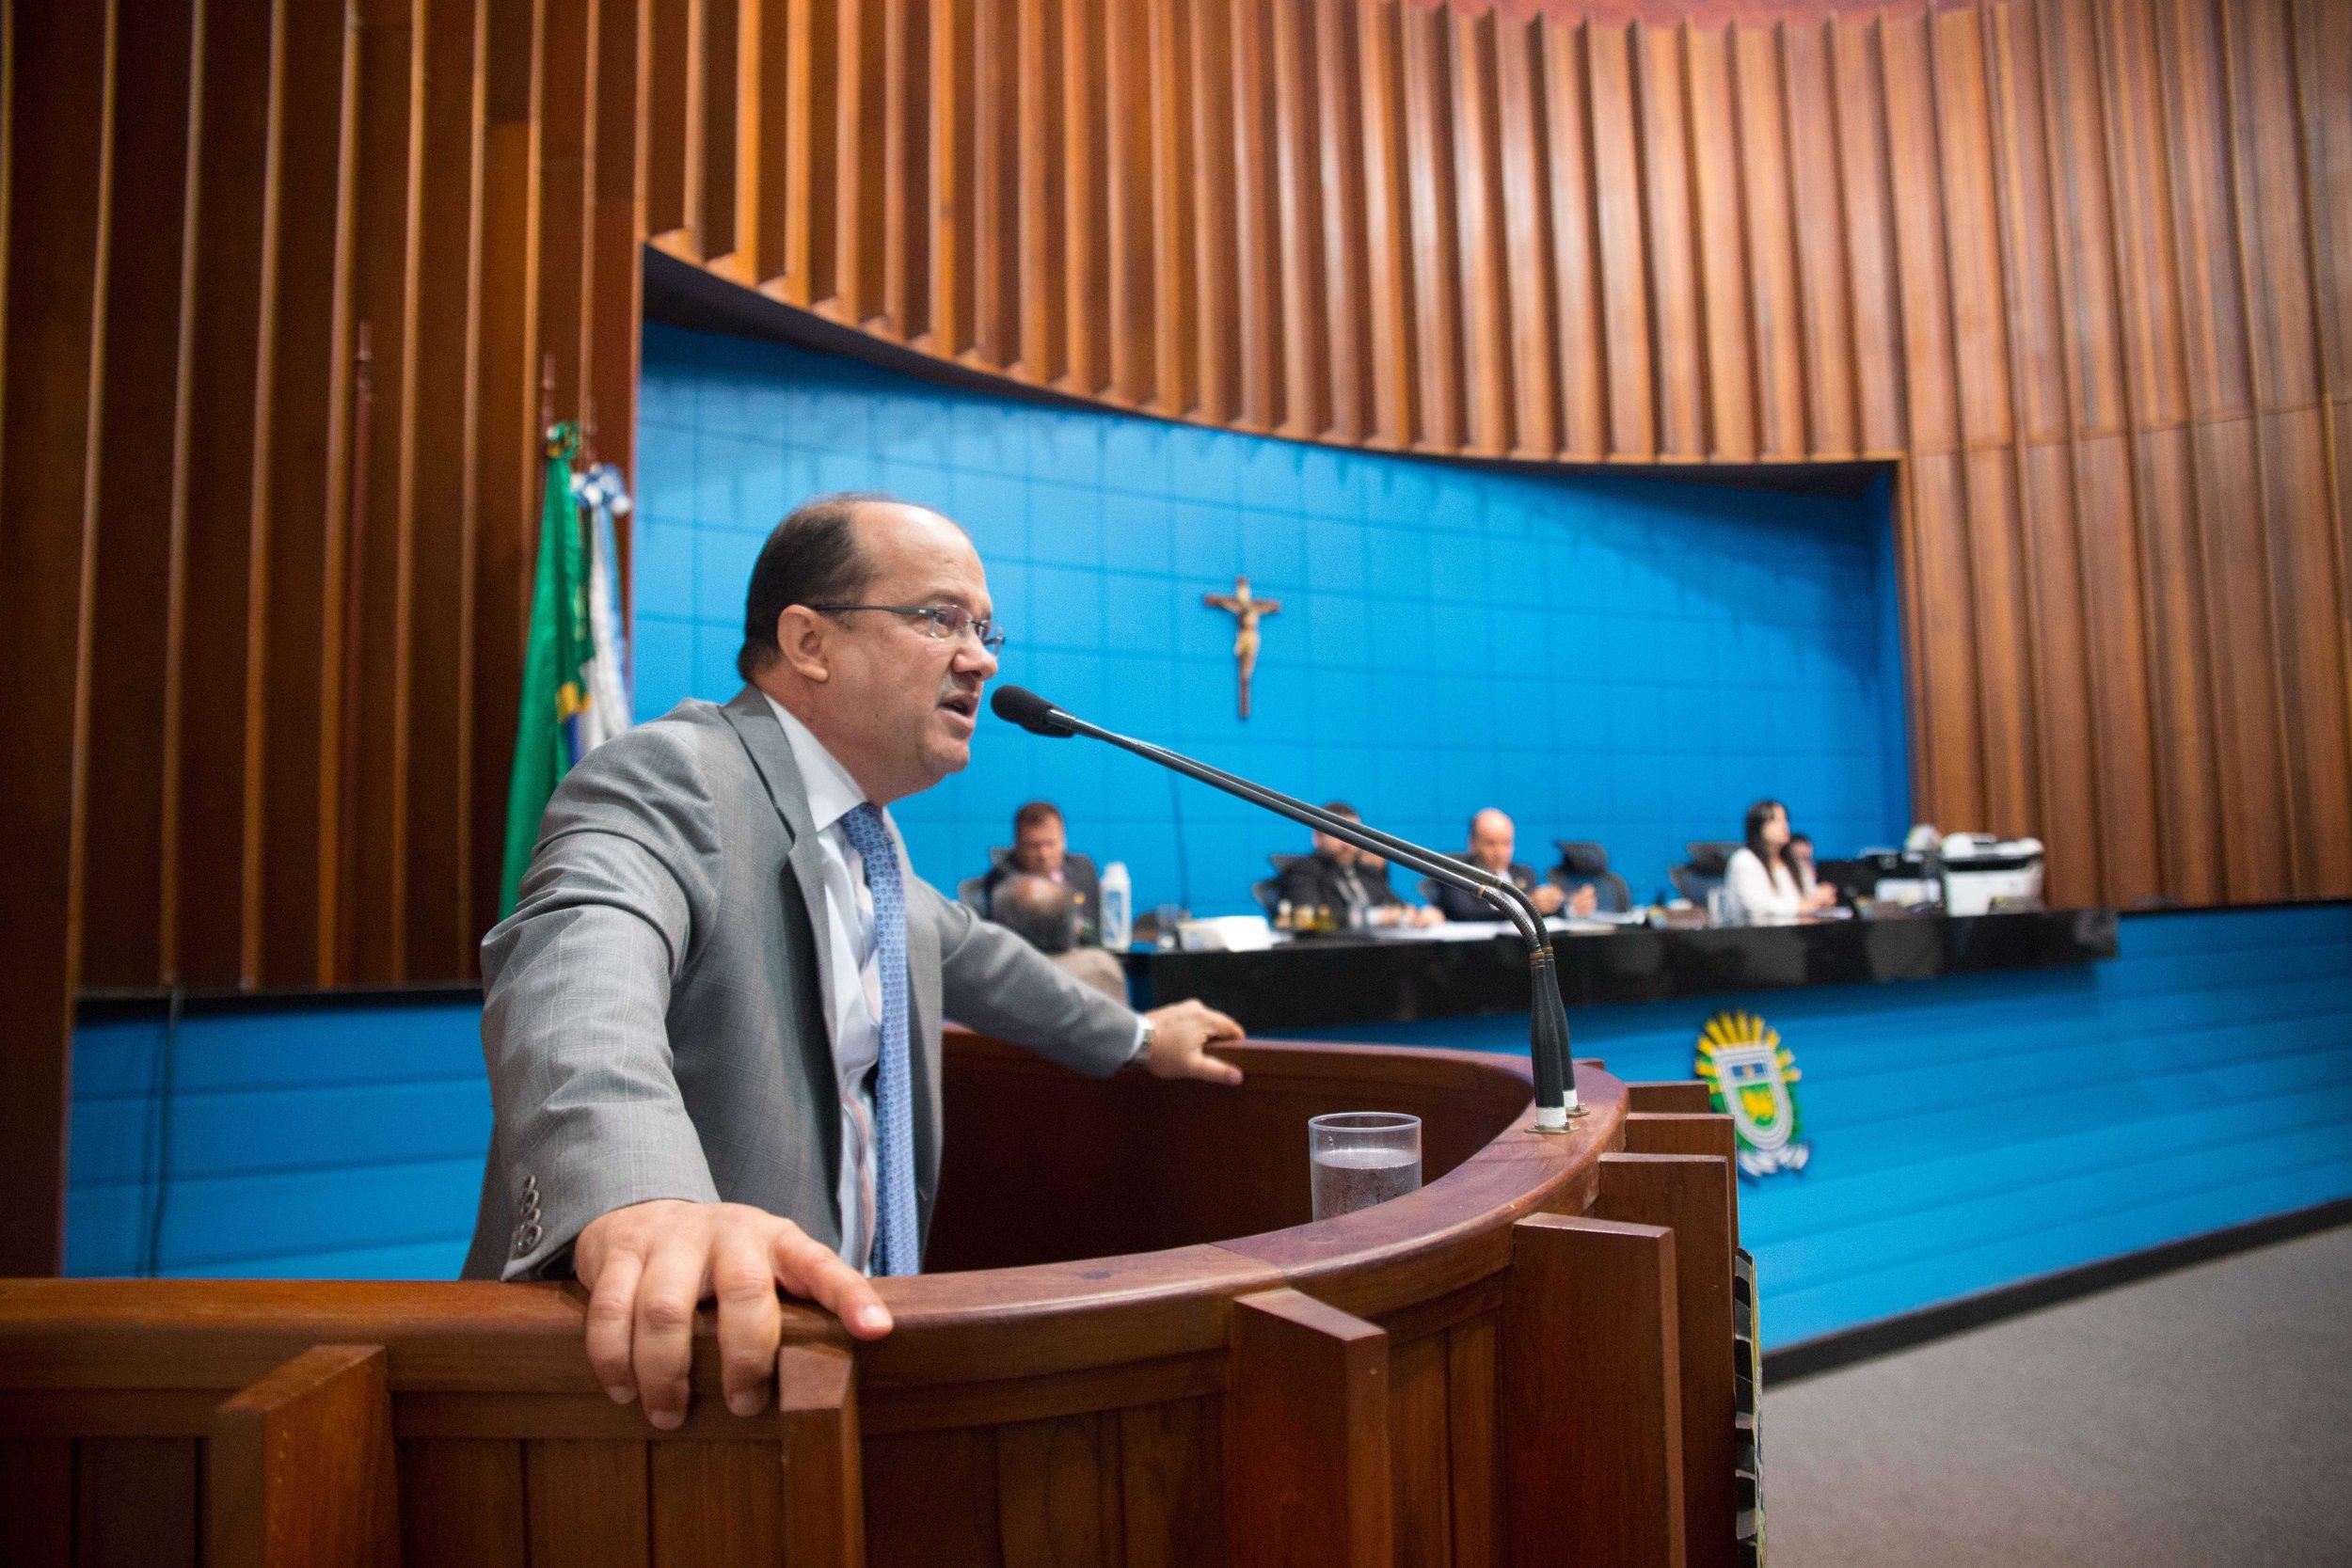 Deputado José Carlos Barbosa apresentou projeto durante sessão na Assembleia. Foto: João Garrigó